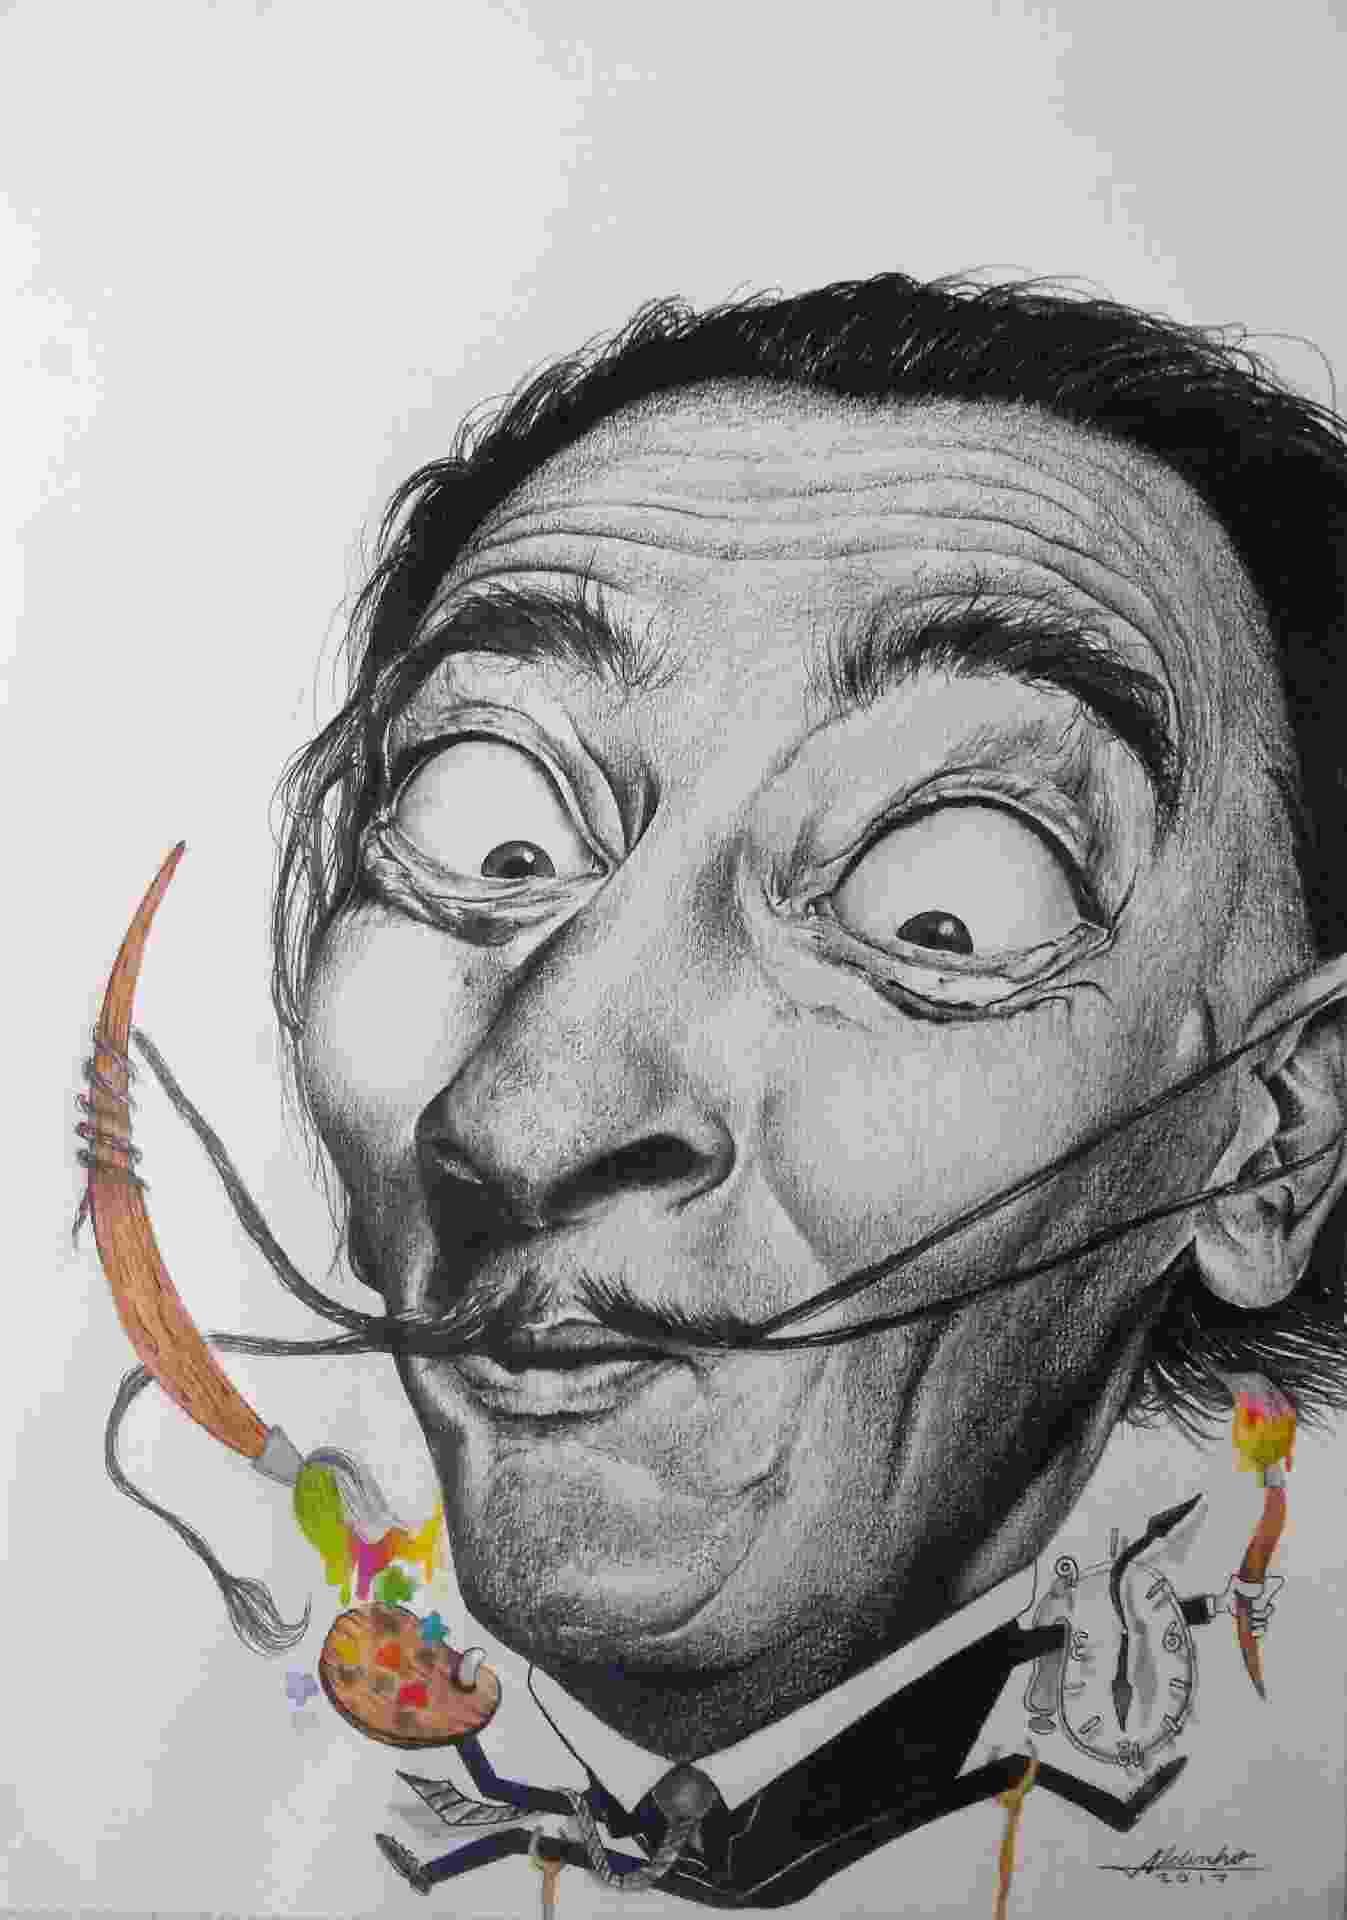 O 44º Salão do Humor de Piracicaba Caricatura será aberto neste ano entre os dias 26 de agosto a 12 de outubro, no Armazém 14A do Engenho Central. A entrada é grátis. Na imagem, podemos ver a obra de autoria de Aldo da Silva Barbosa - Divulgação